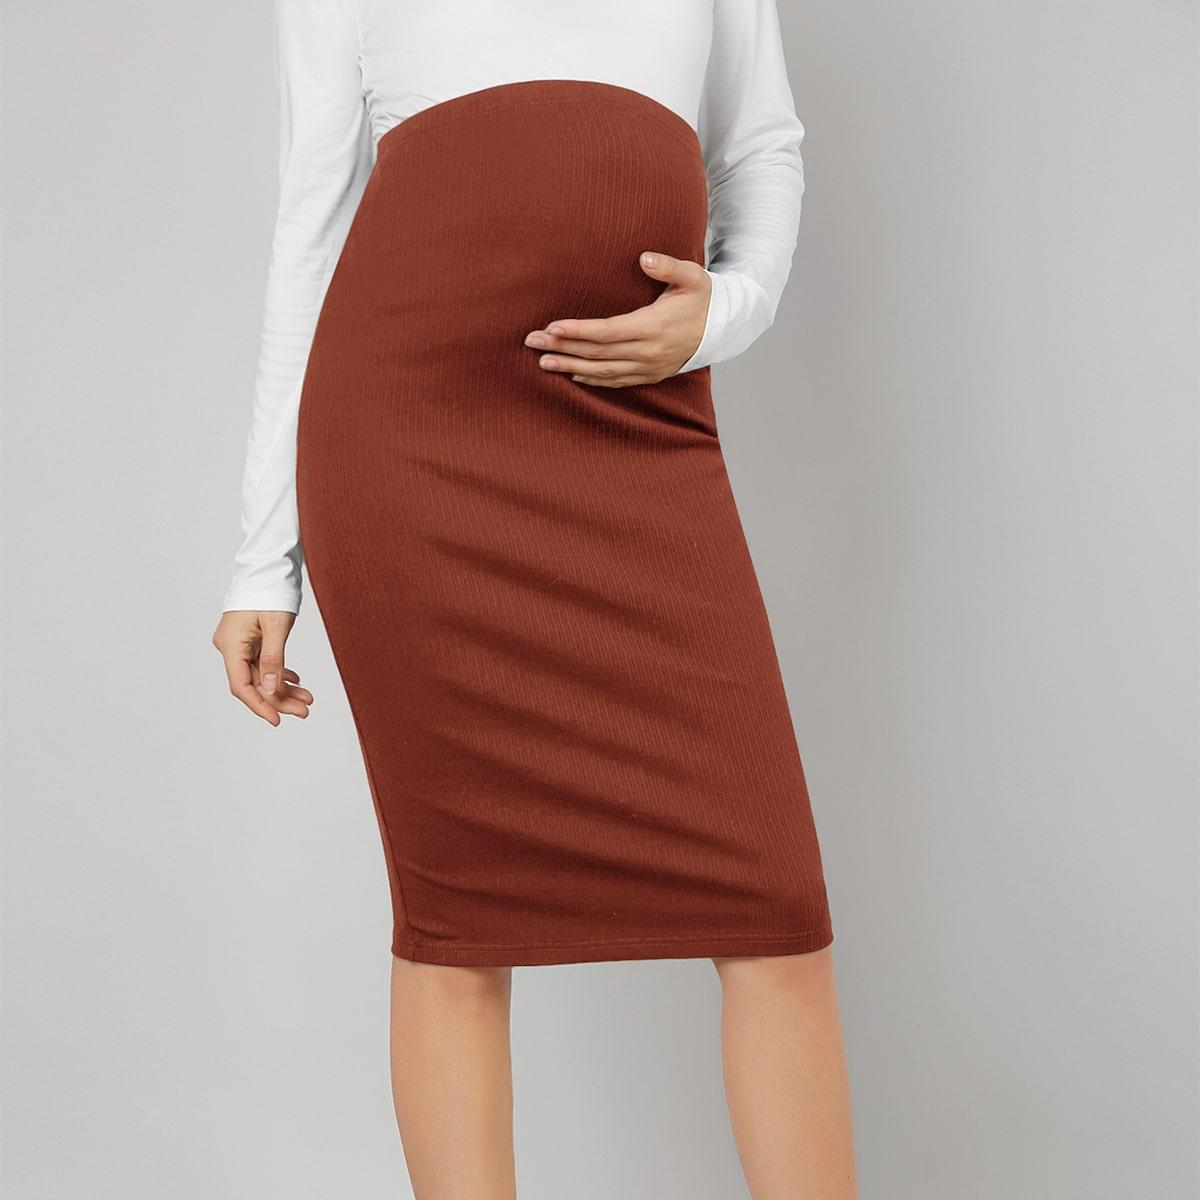 Maternidad falda lápiz tejida de canalé de cintura ajustada